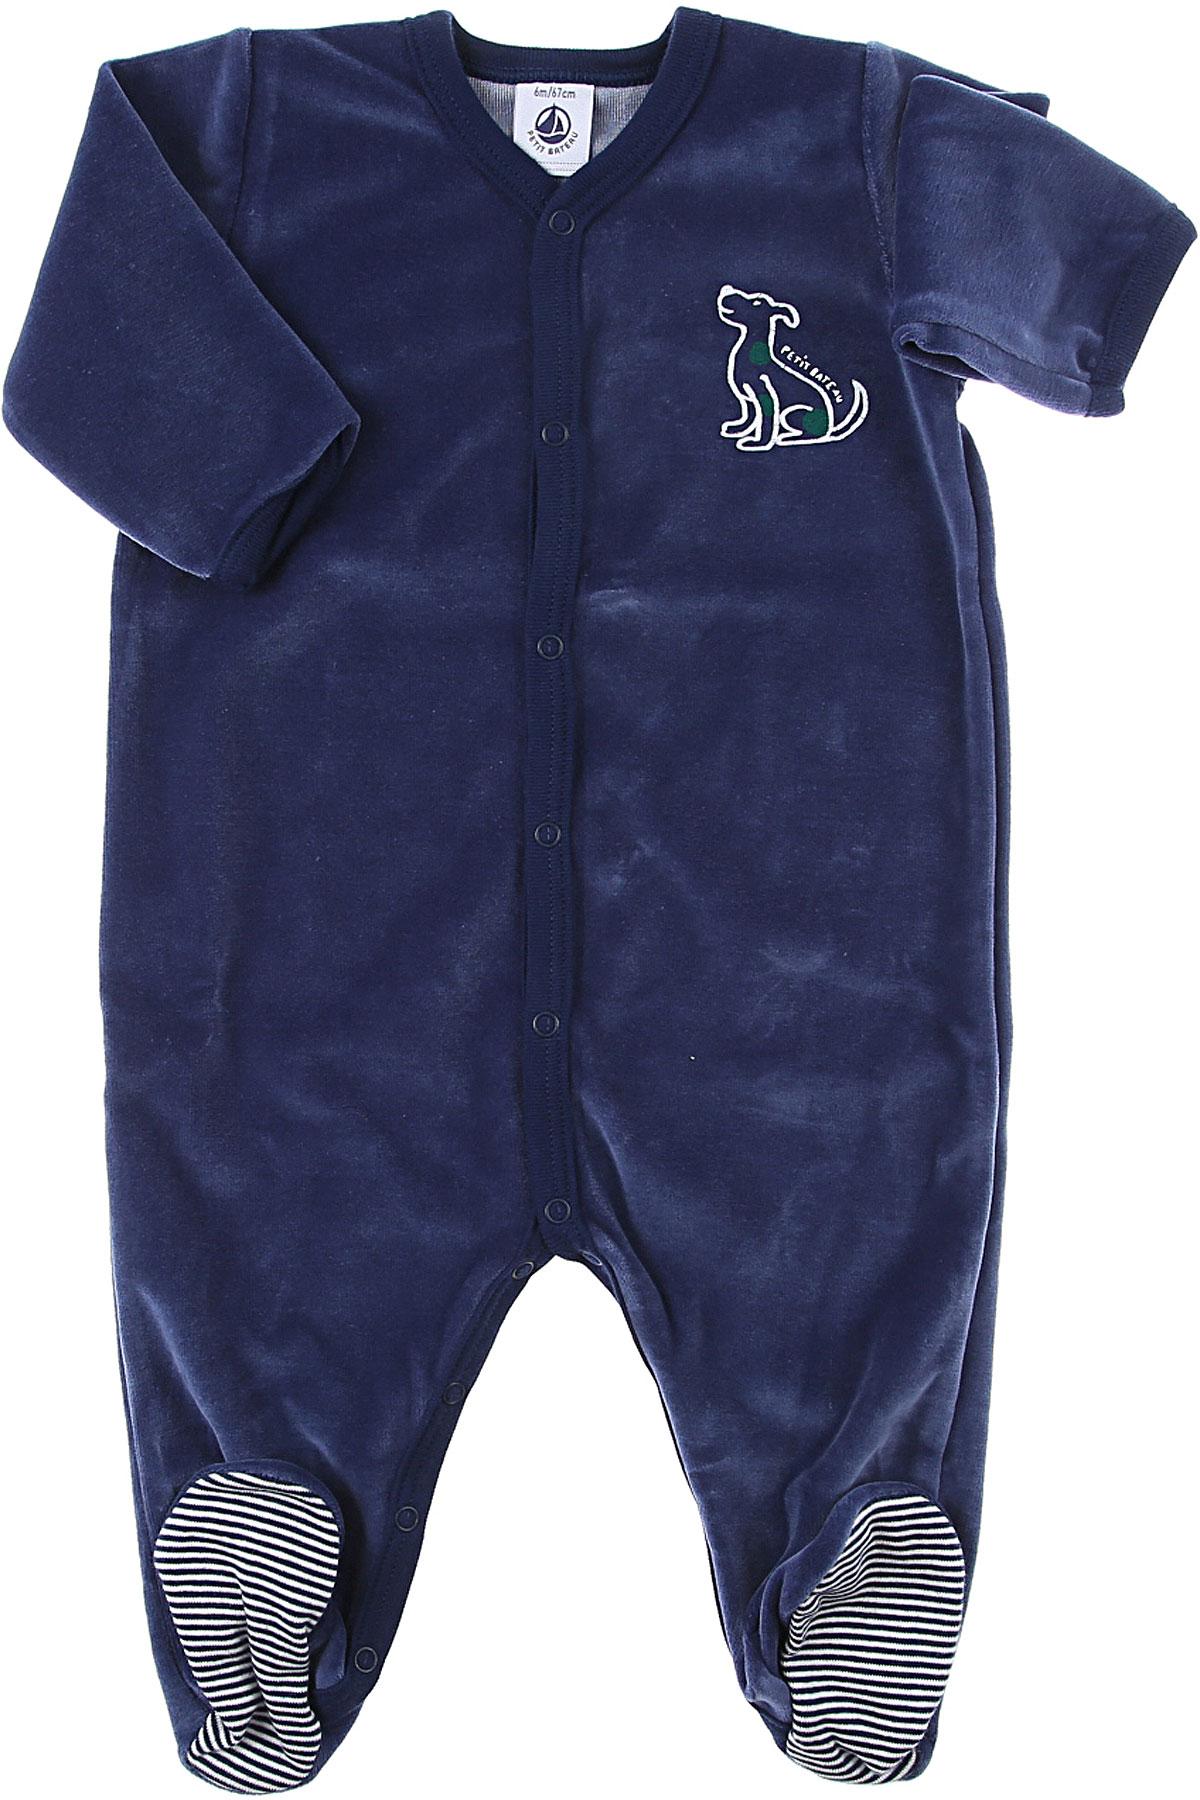 Petit Bateau Baby Bodysuits & Onesies for Boys On Sale, Blue, Cotton, 2019, 6M 9M